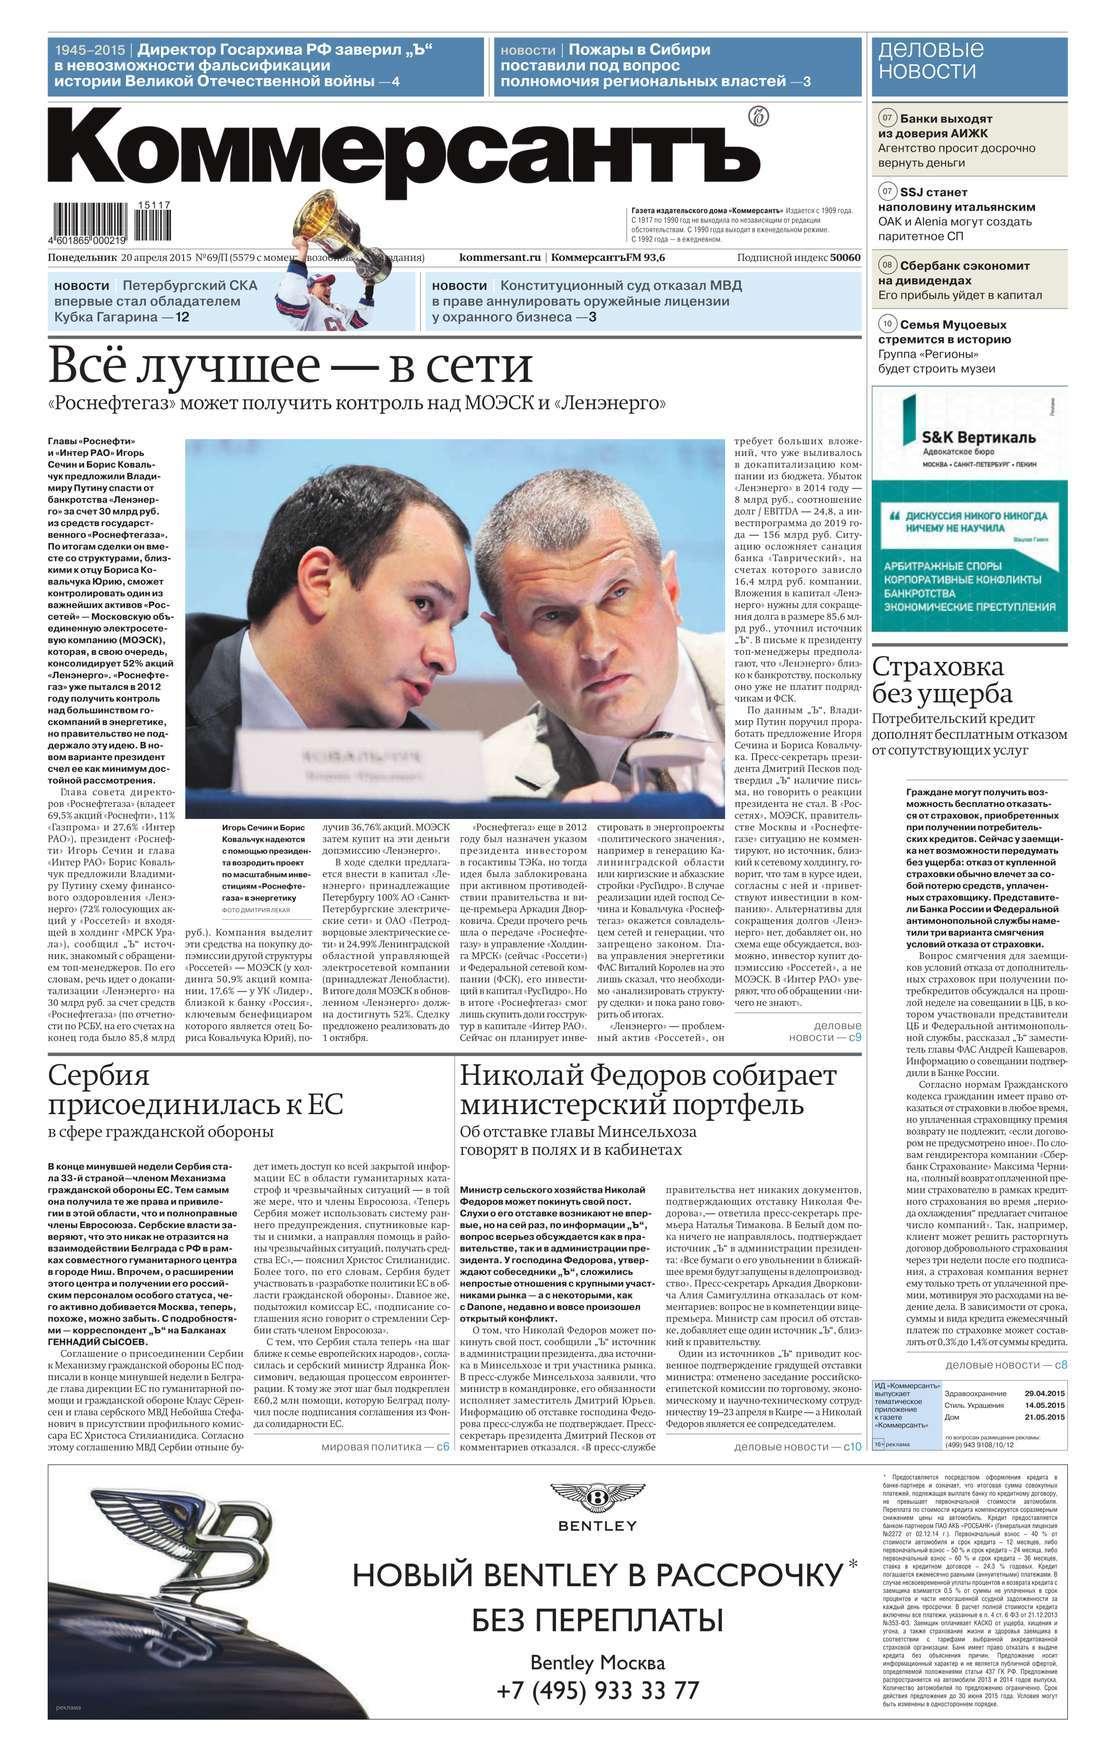 бесплатно Редакция газеты КоммерсантЪ Скачать КоммерсантЪ 69п